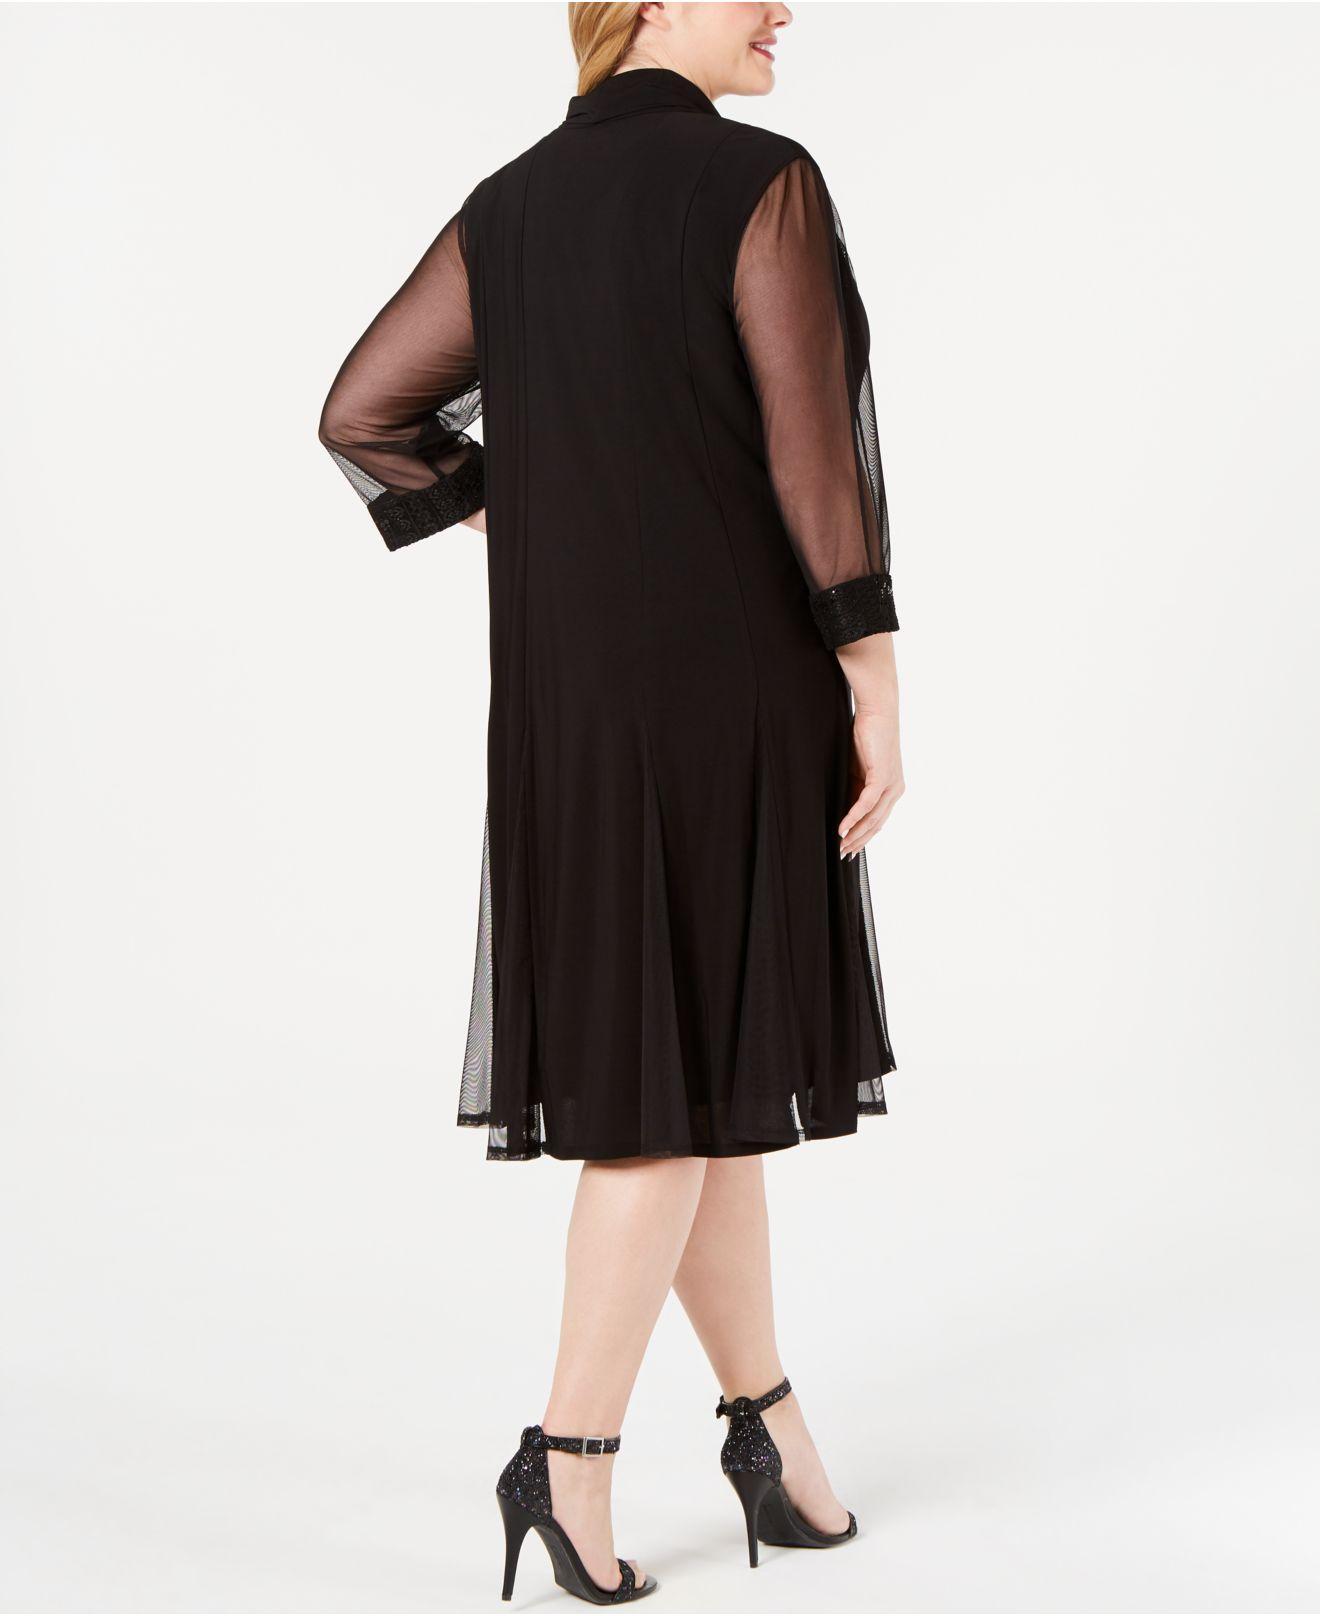 221242c37d8b5 Lyst - R   M Richards Plus-size Embellished Dress   Jacket Set in Black